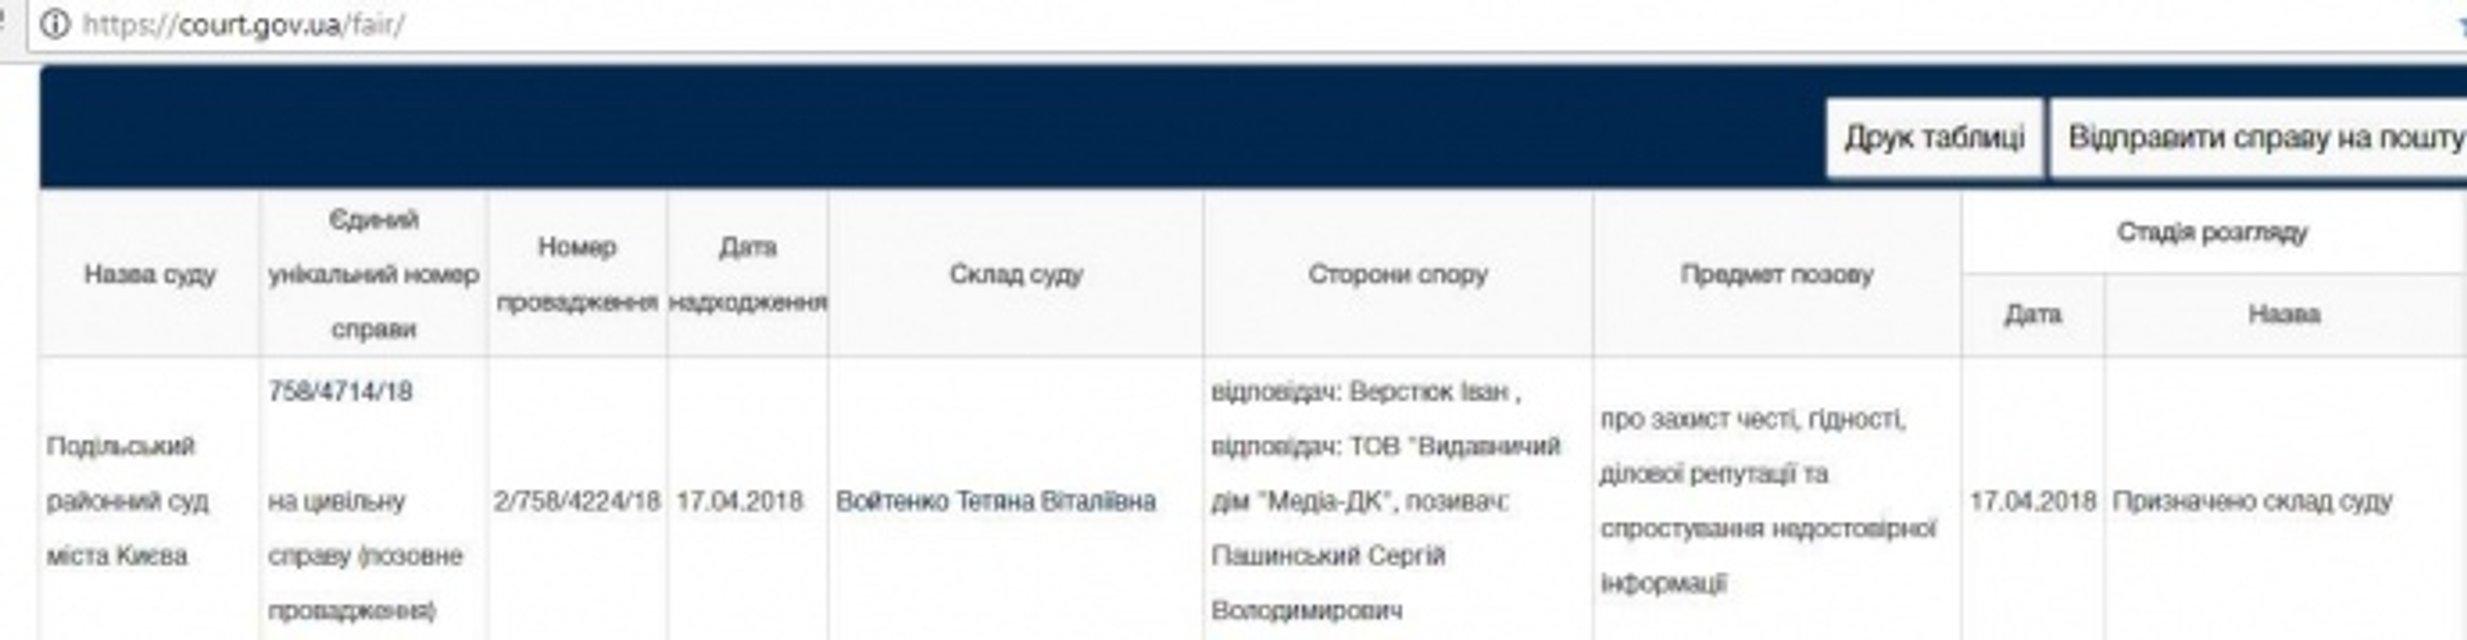 Пашинский подал в суд на журналистов из-за их расследования - фото 120356